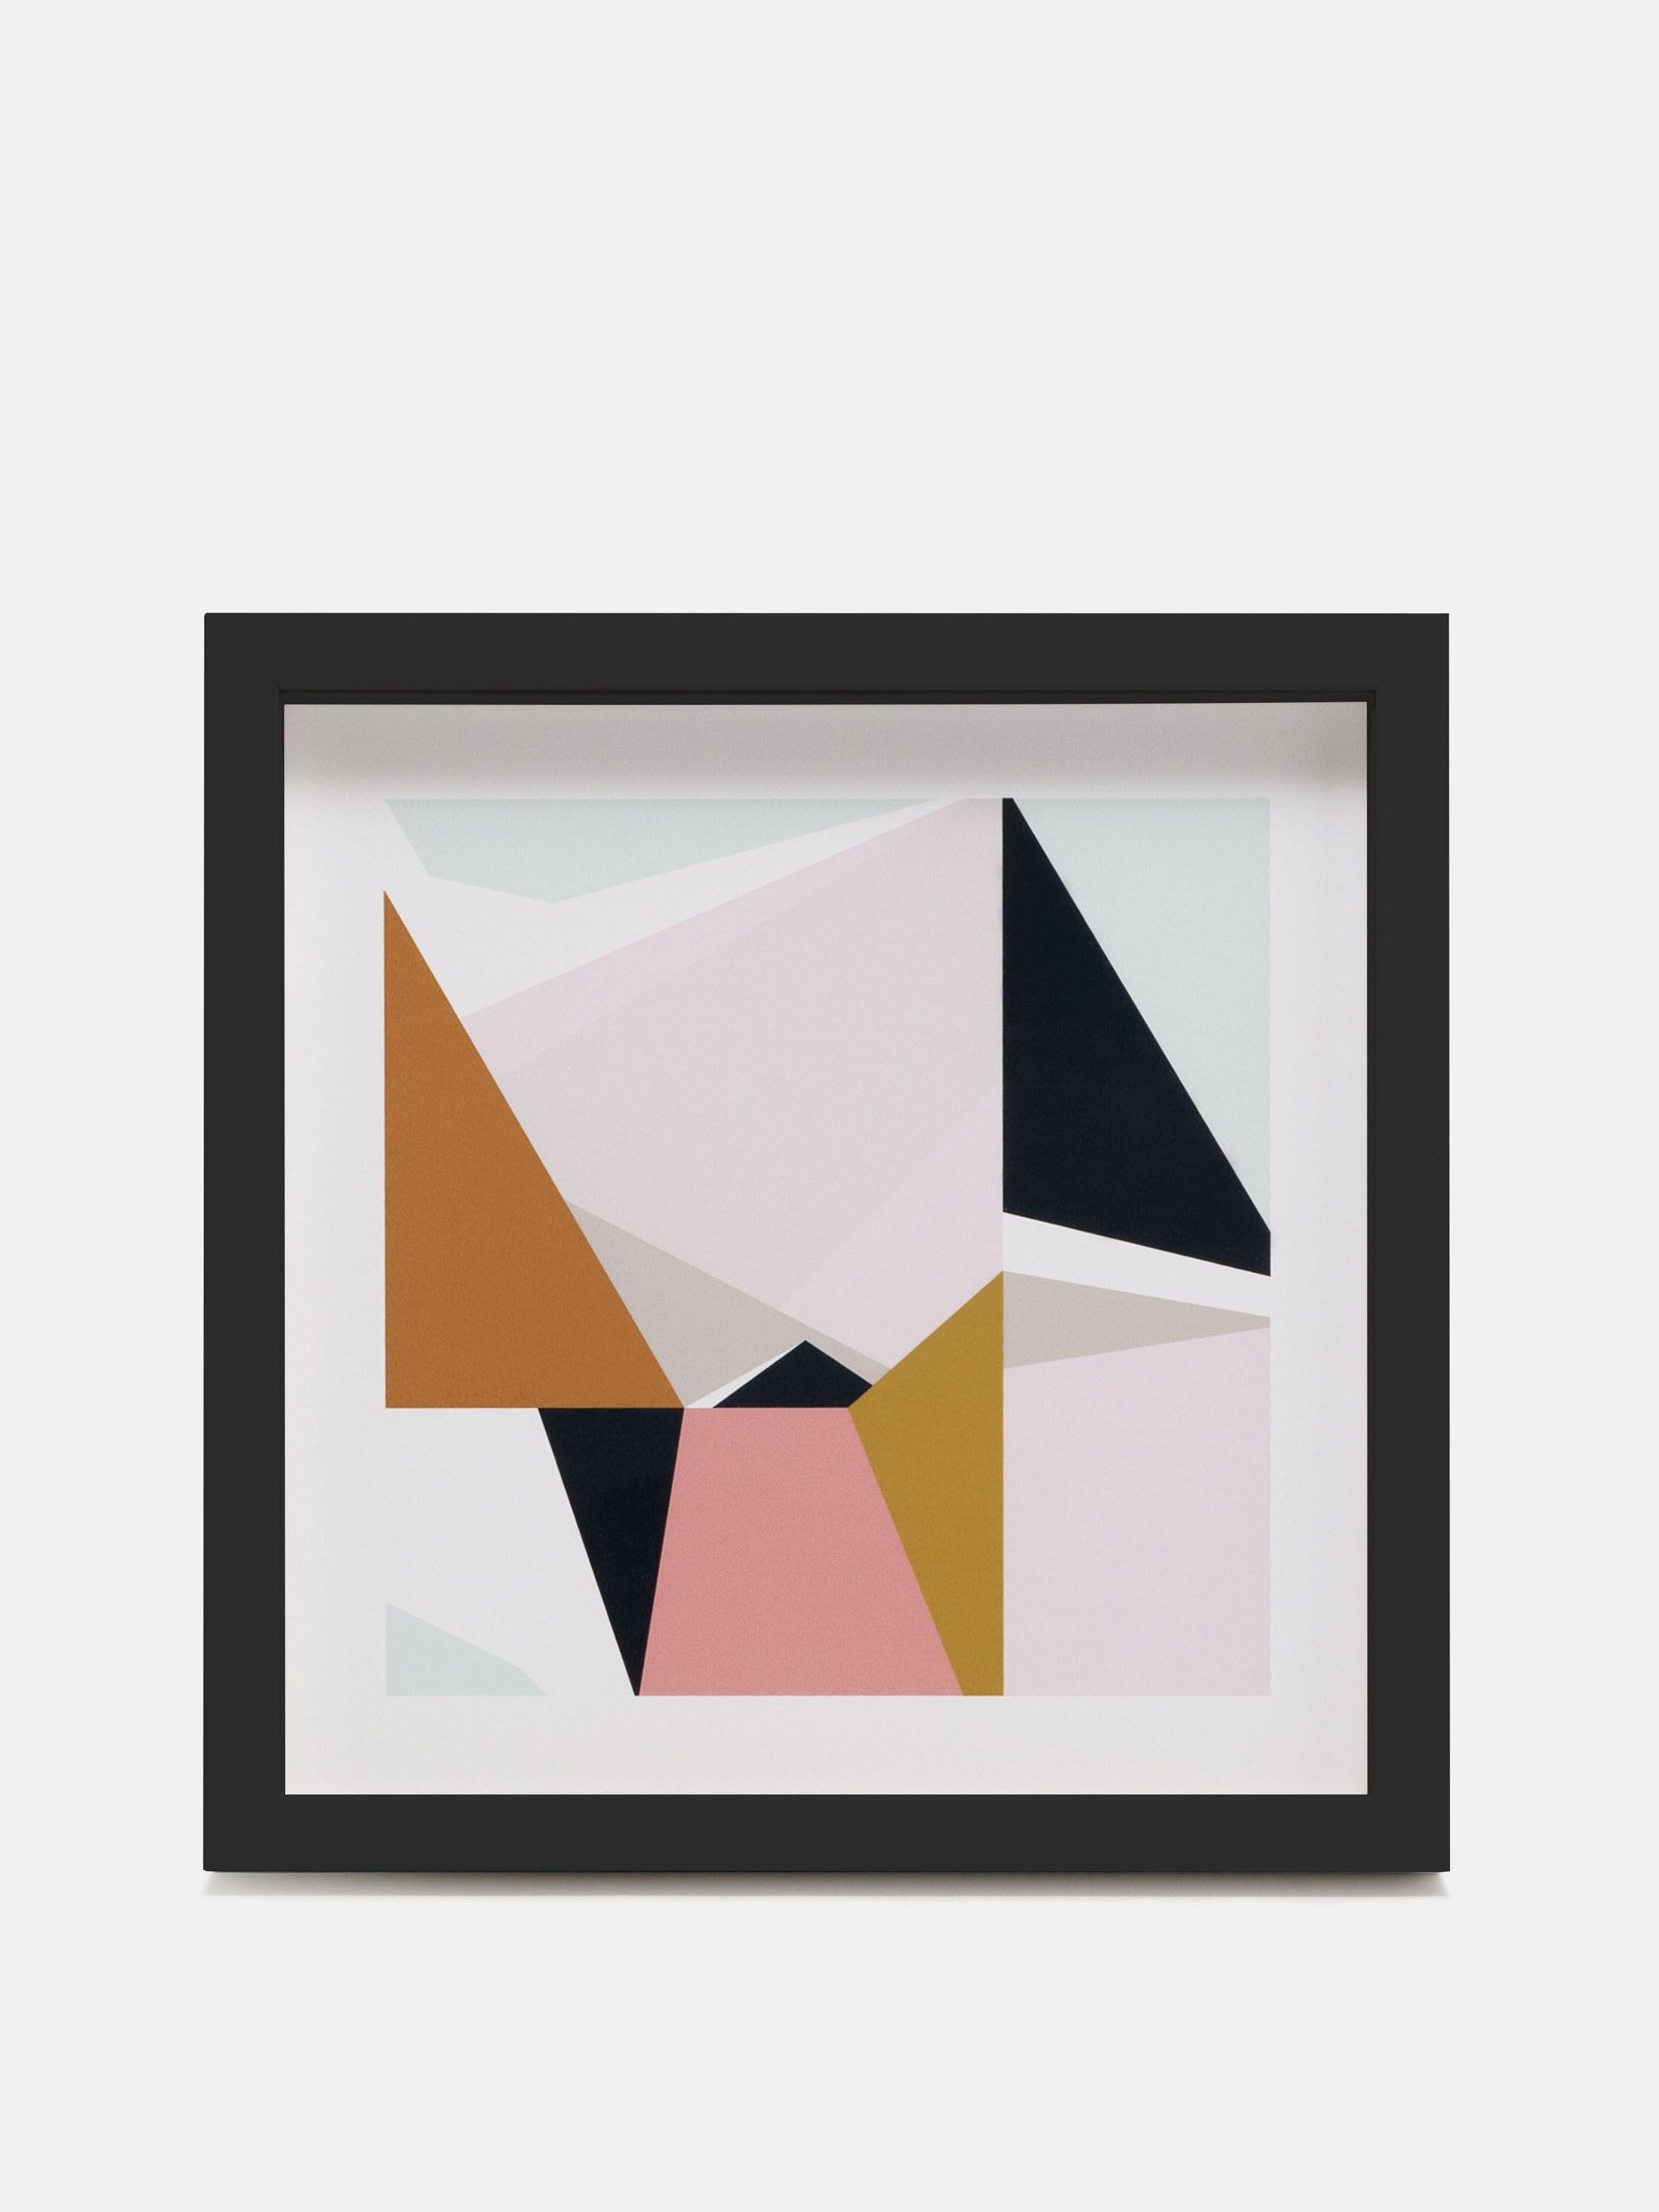 custom framed prints online